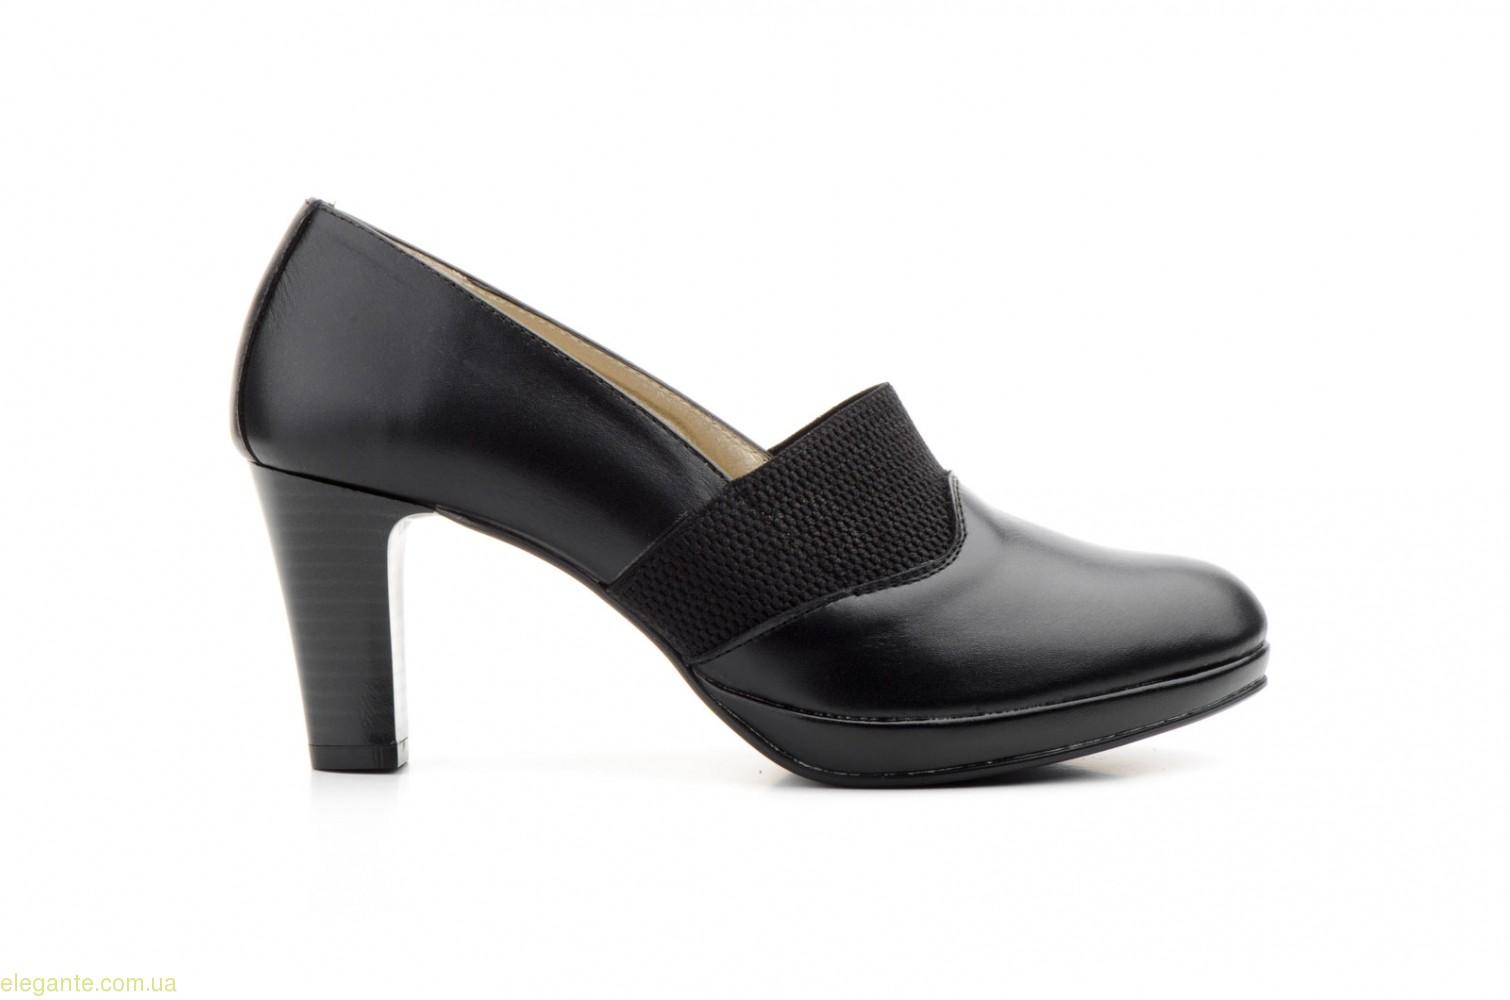 Жіночі туфлі еластичні ANNORA чорні 0